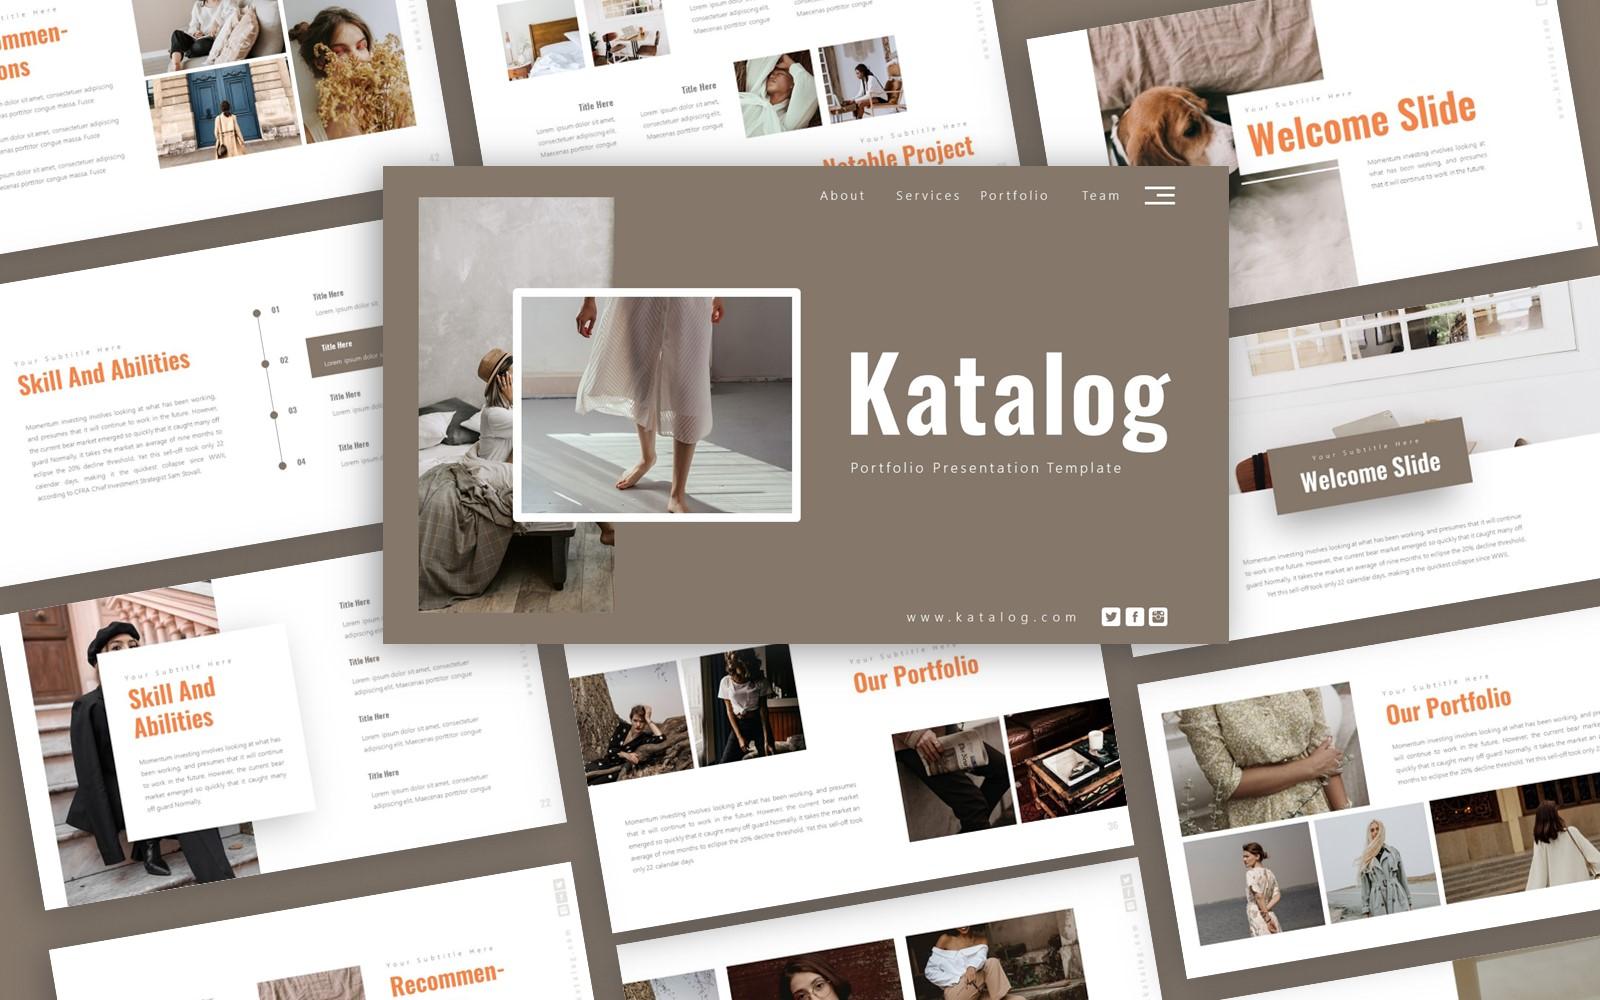 Katalog Portfolio Presentation PowerPoint Template